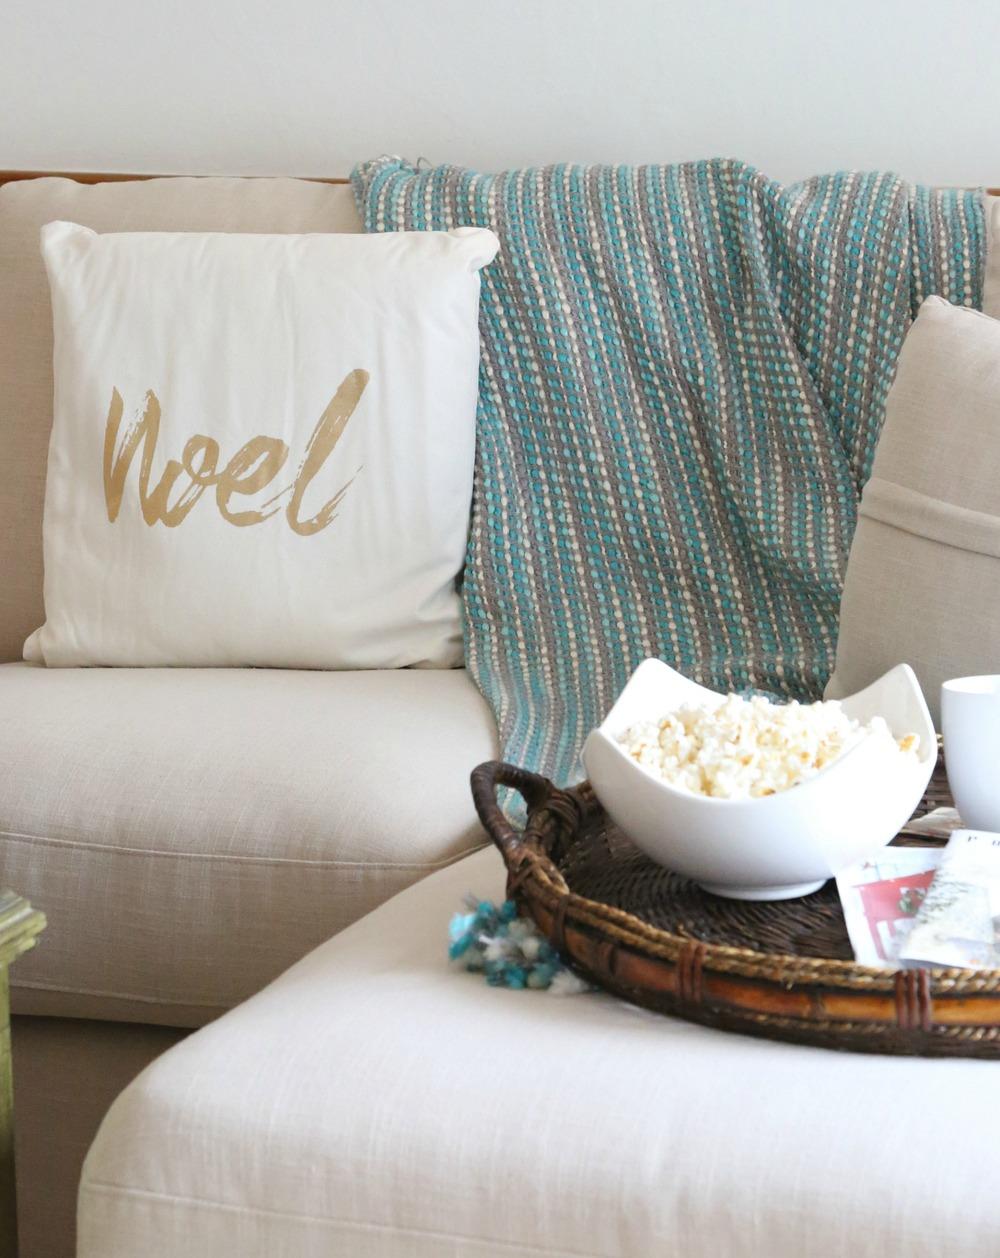 Christmas pillow on sofa.